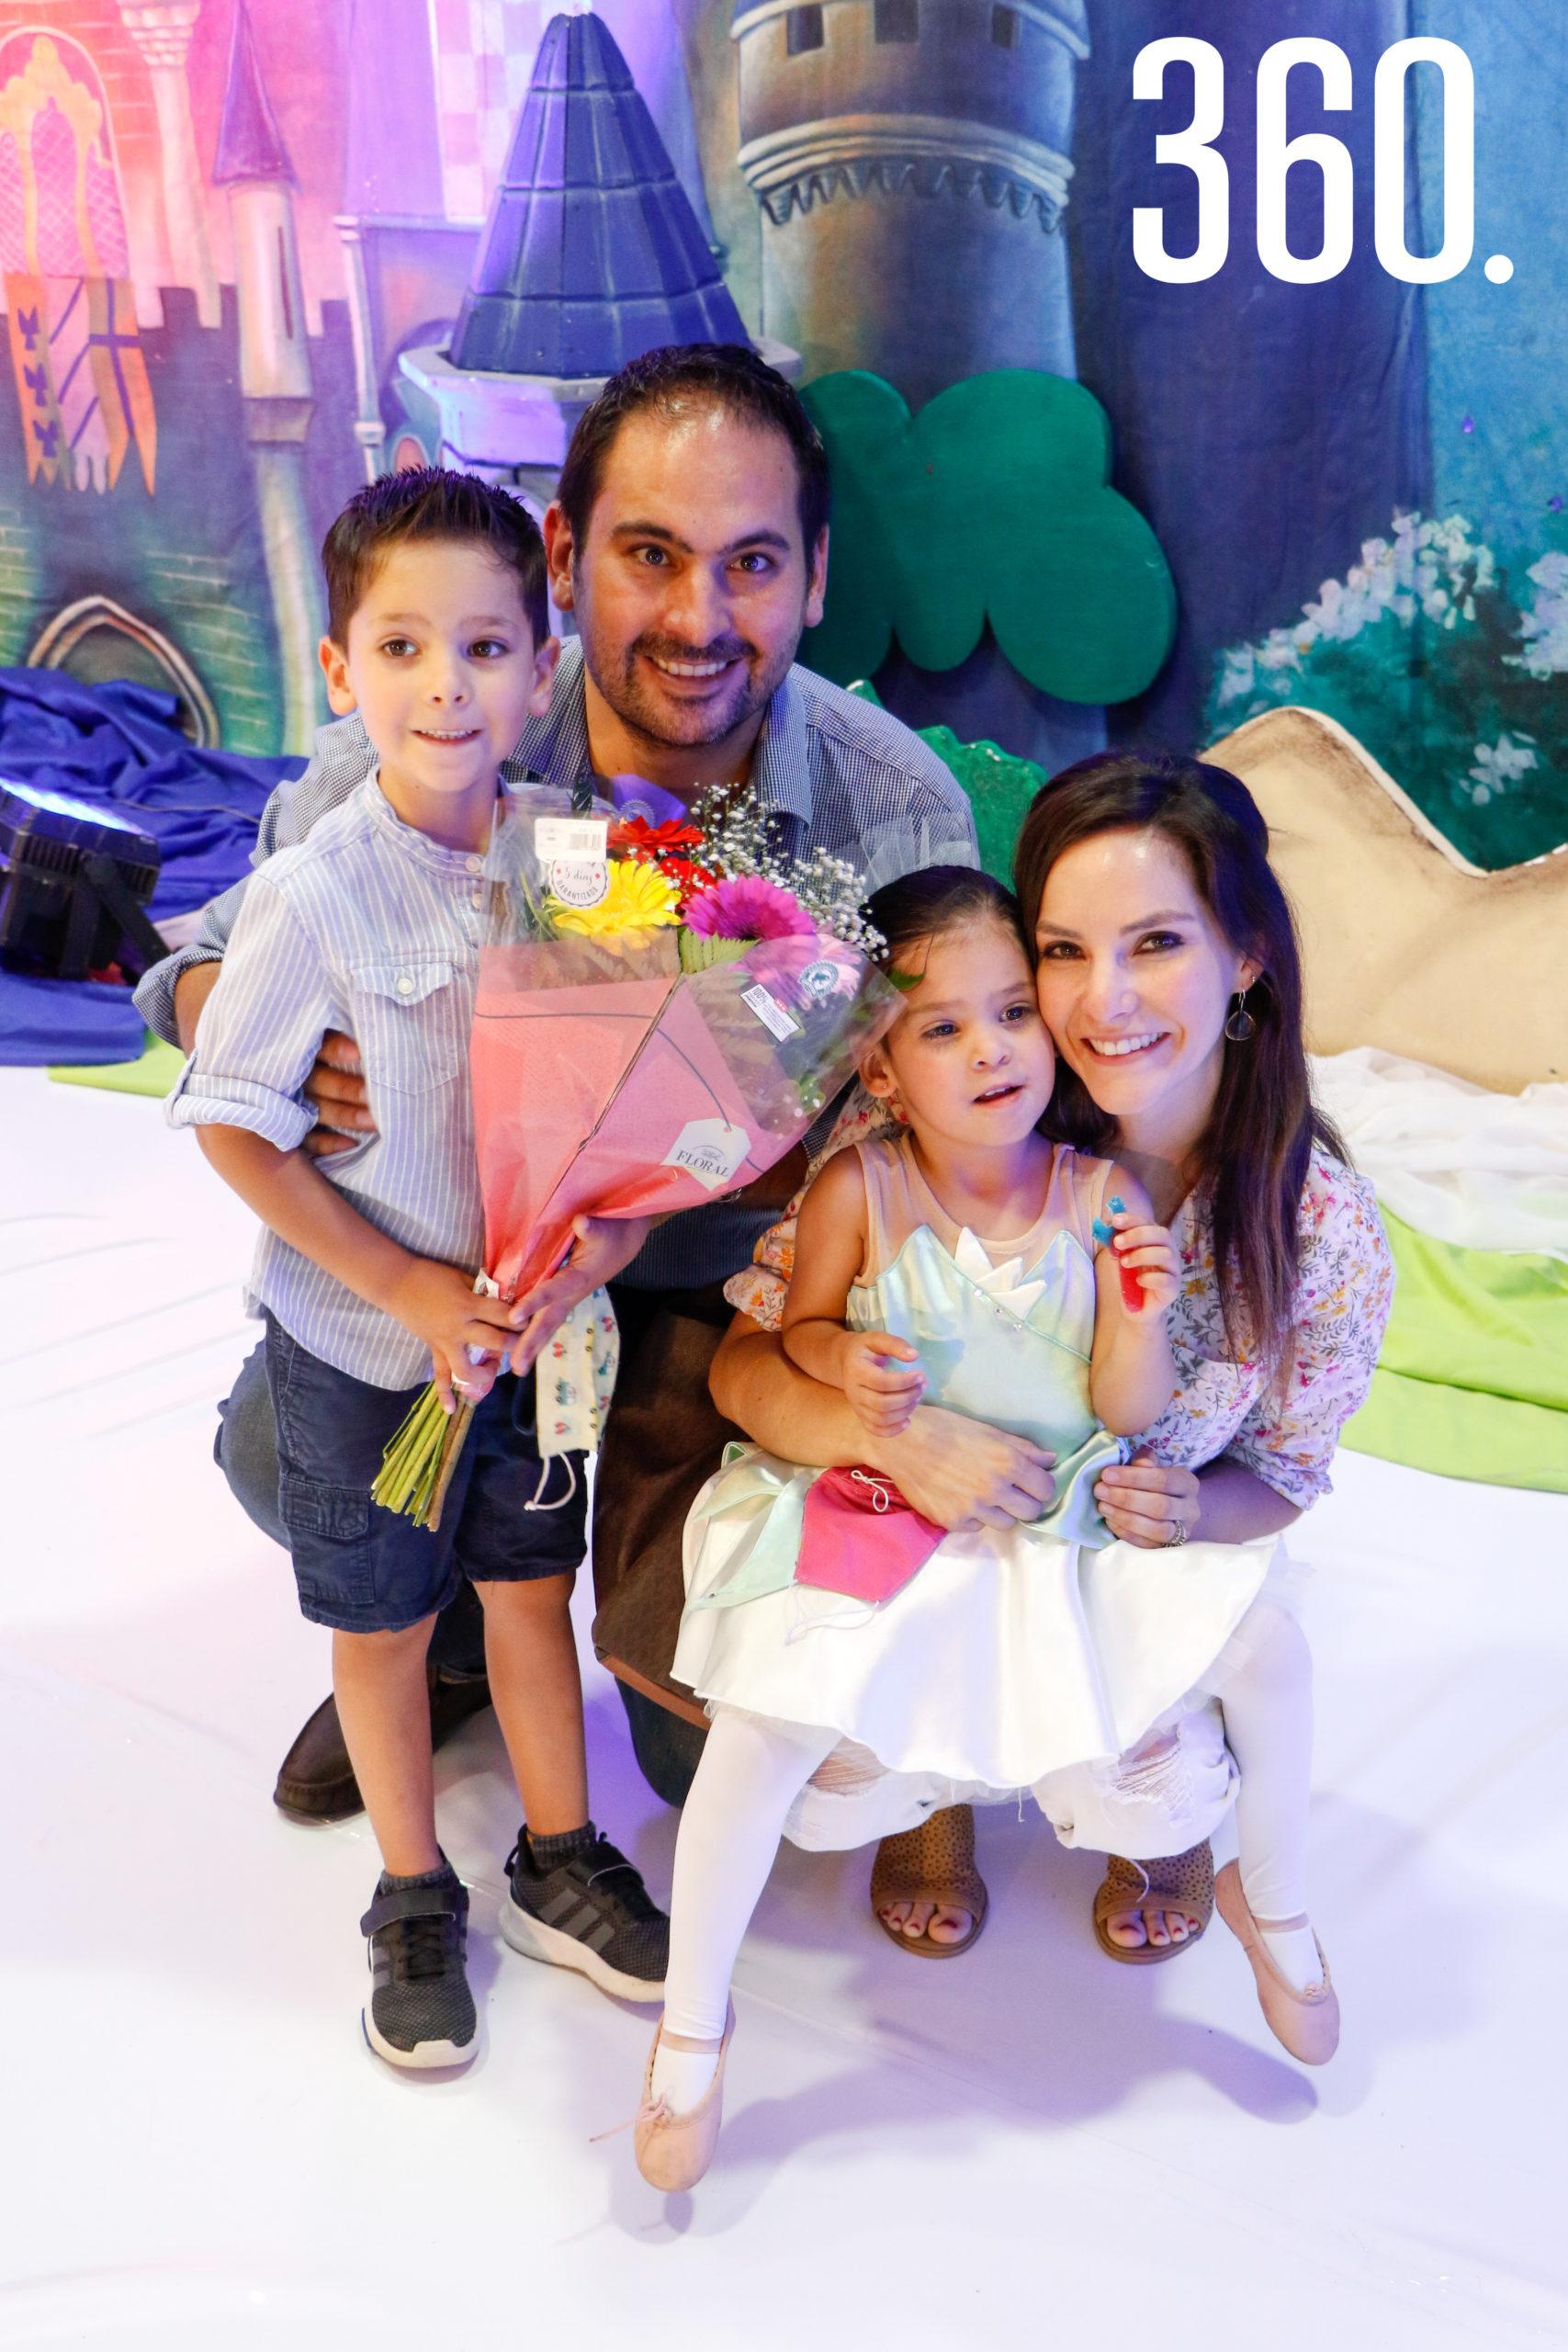 Berny Quintanilla, Bernardo Quintanilla, Ale Gloria y Mariale Quintanilla.